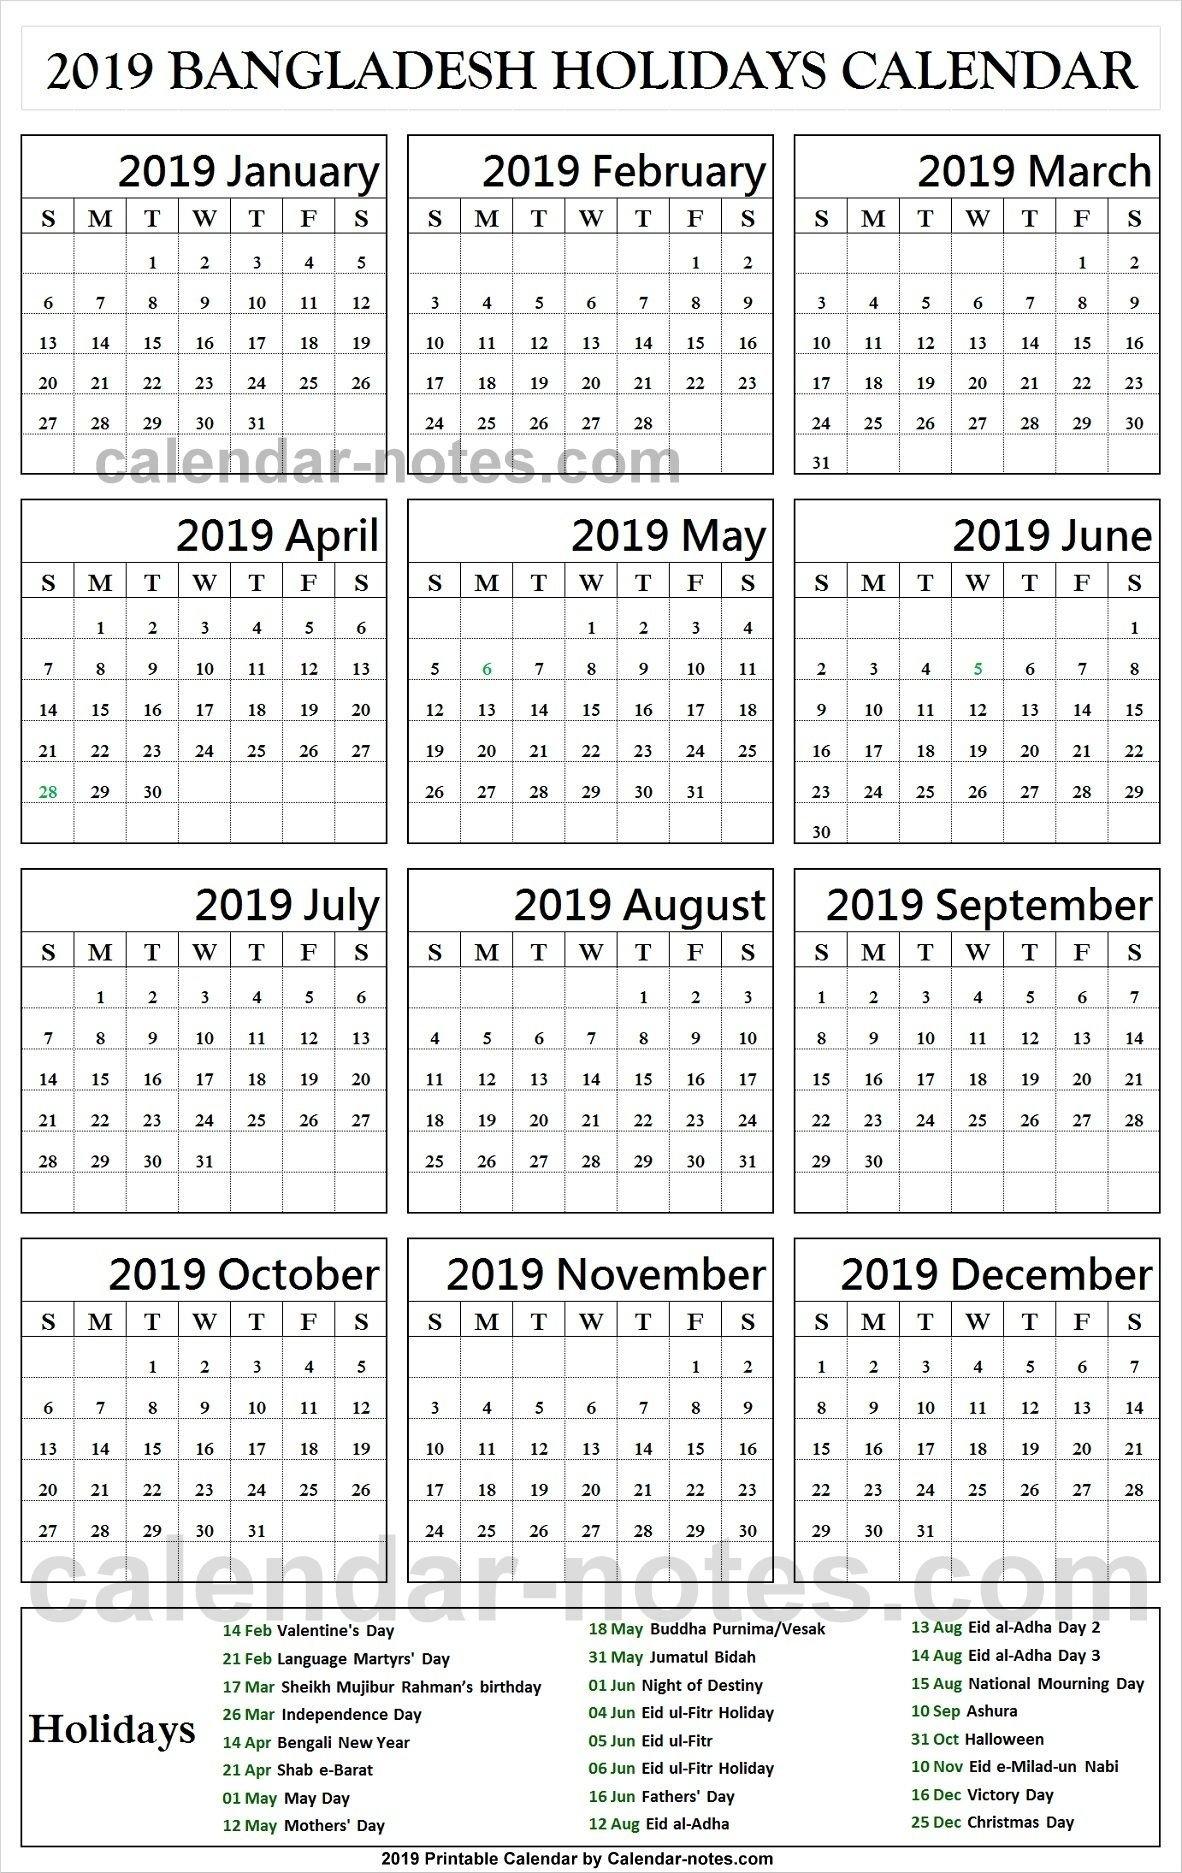 Bangladesh Holiday 2019 Calendar | Holidays Calendar 2019 Calendar Of 2019 With Holidays In Bangladesh